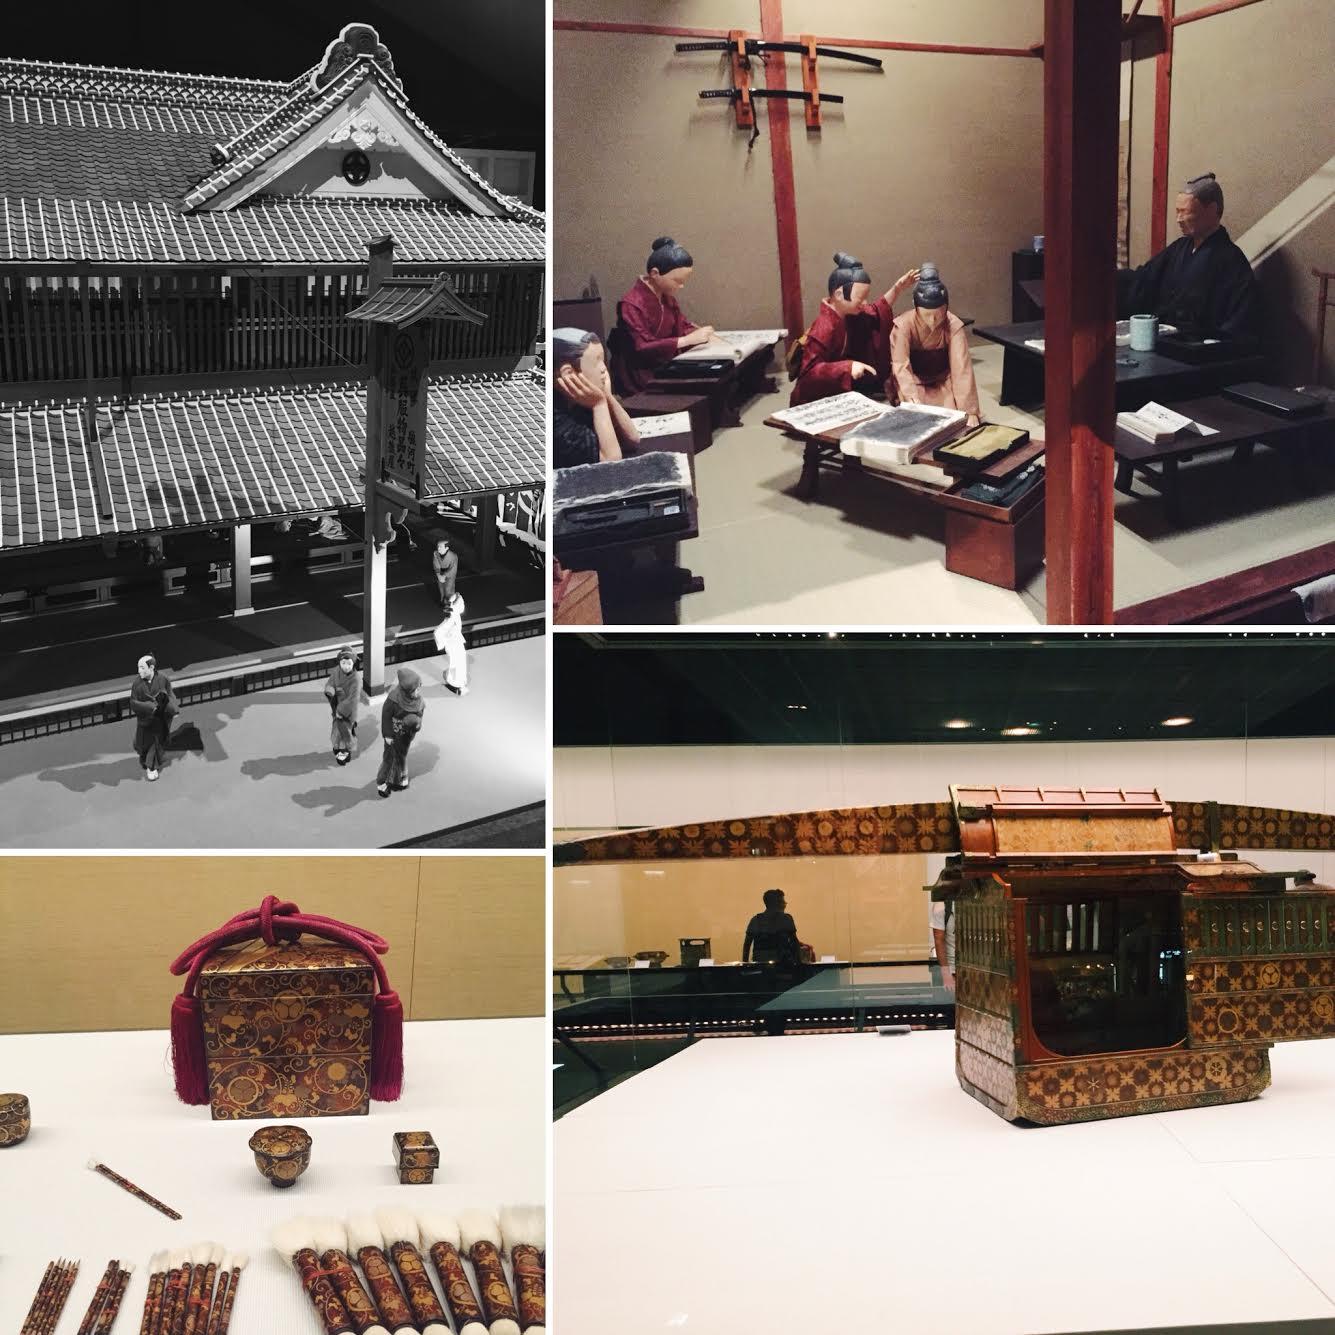 Muslim-travel-Tokyo-Edo-Museum-Exhibits.jpg